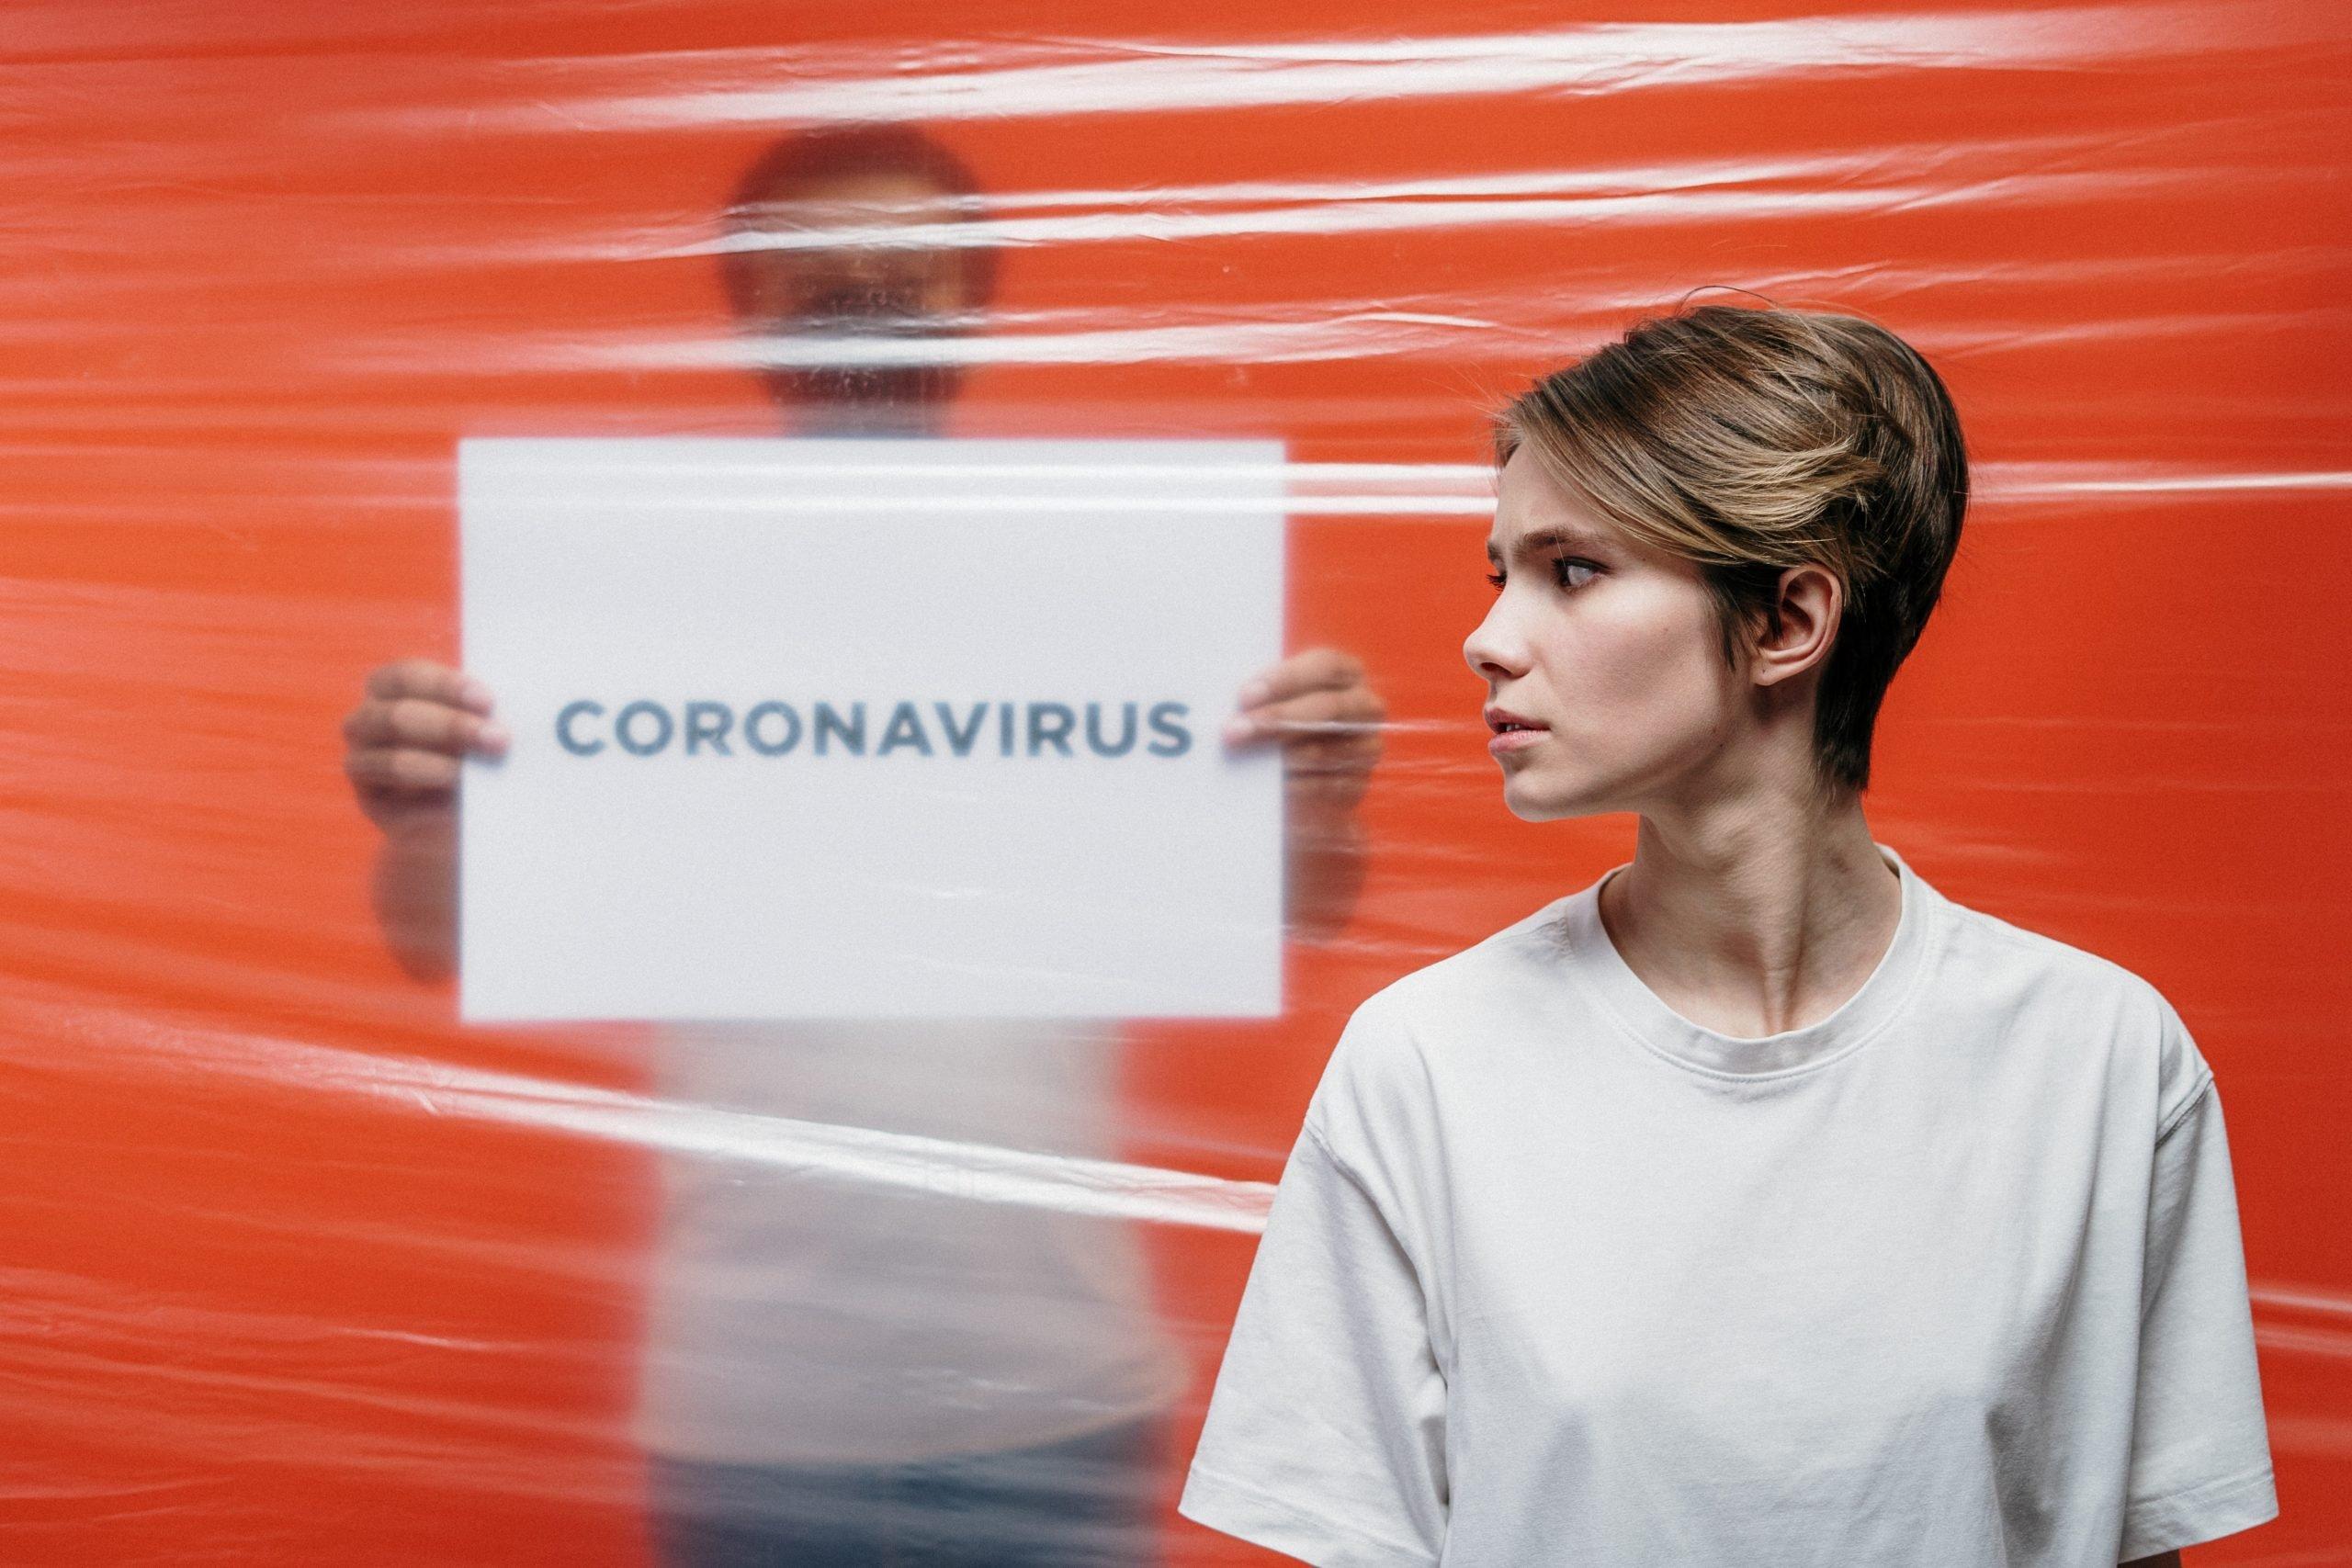 cartello coronavirus traveltherapists blog di viaggio miglior blog di viaggio blog giappone